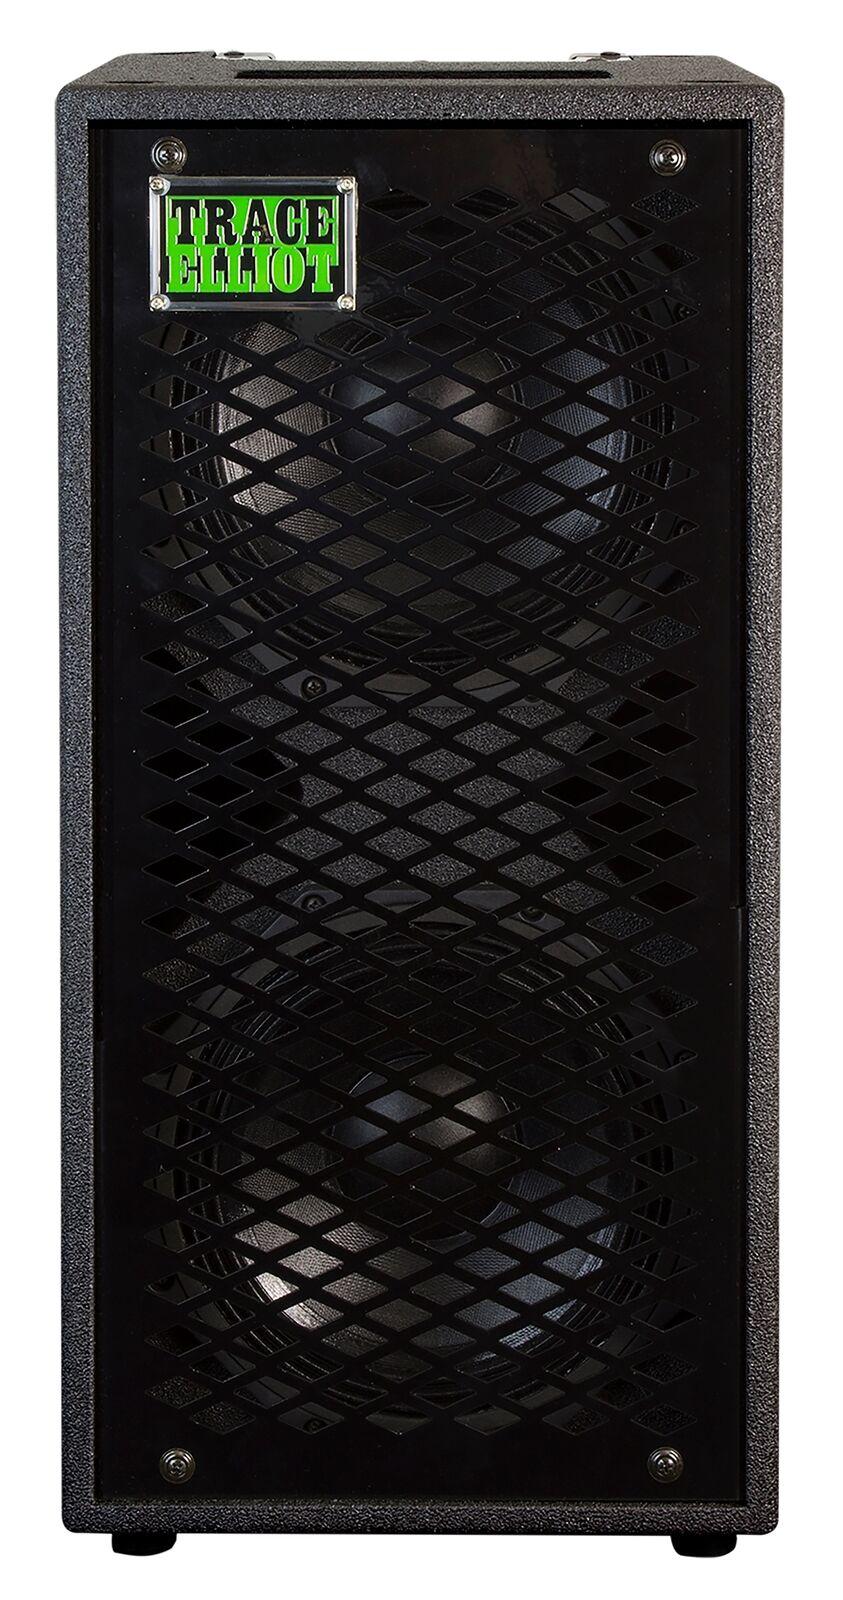 Trace Elliot bassbox 208 Faital Faital Faital pro neodimio - 2x 8'' 29979e